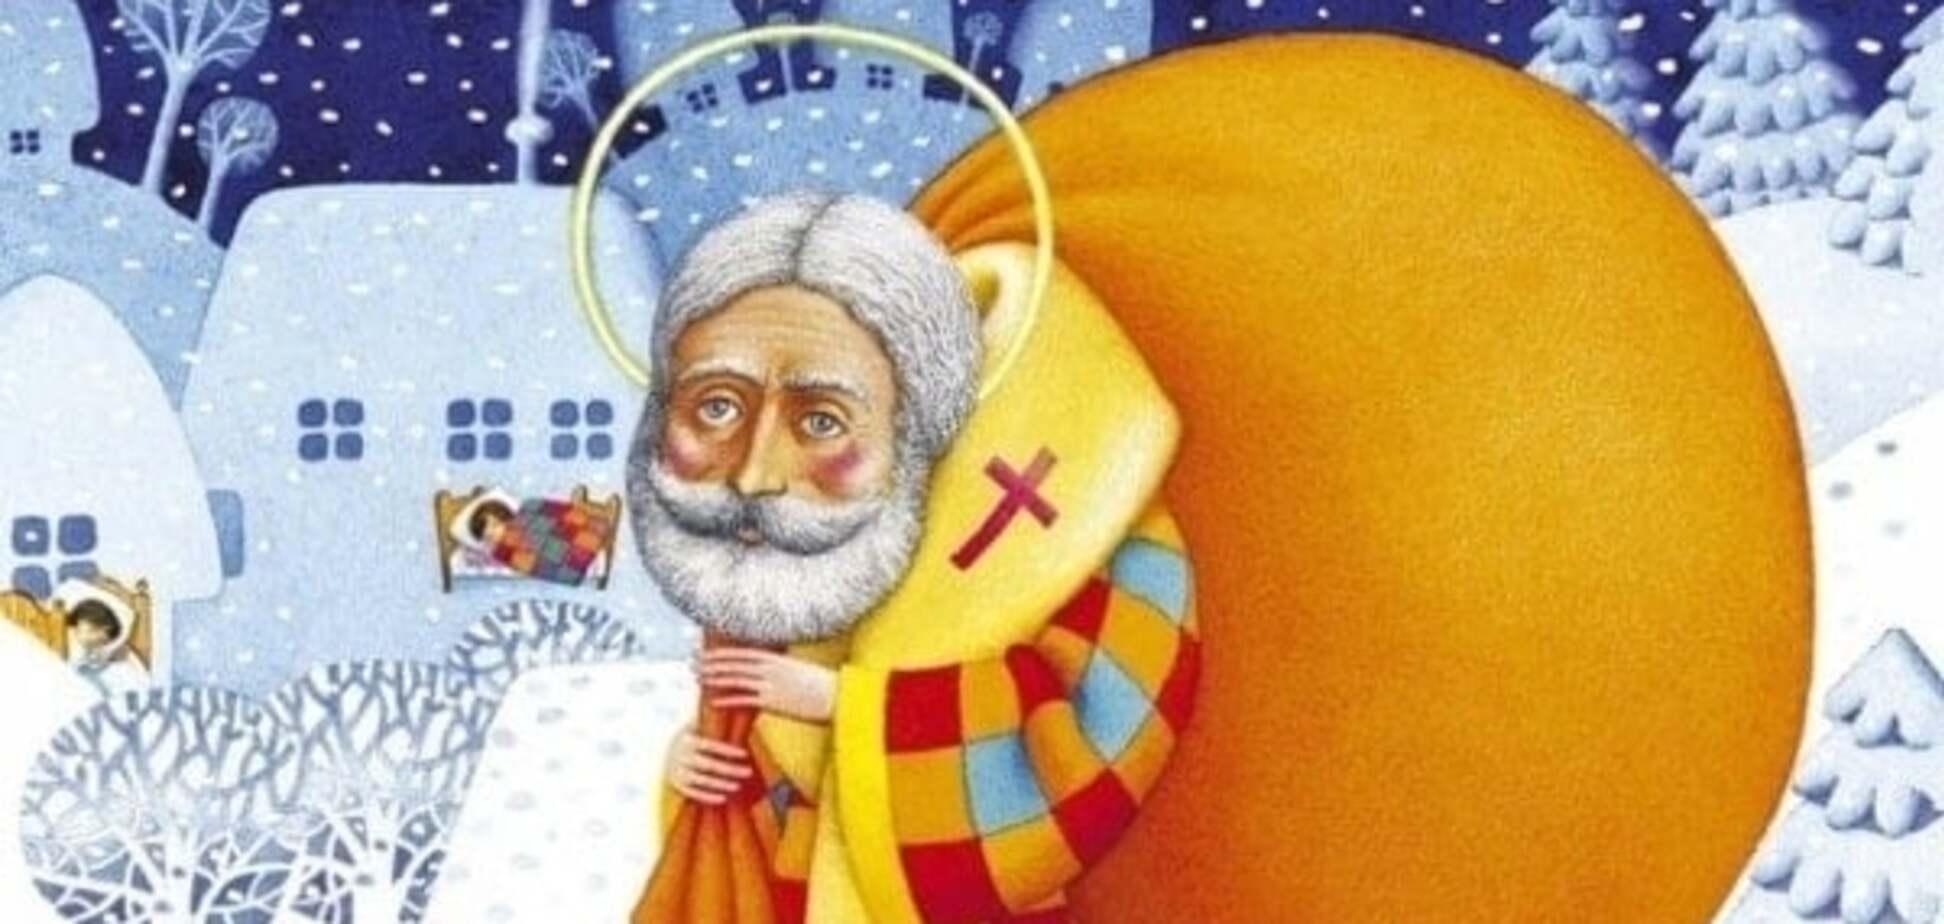 Результаты опроса: Приходит ли к вашим Детям Святой Николай (19 декабря)?